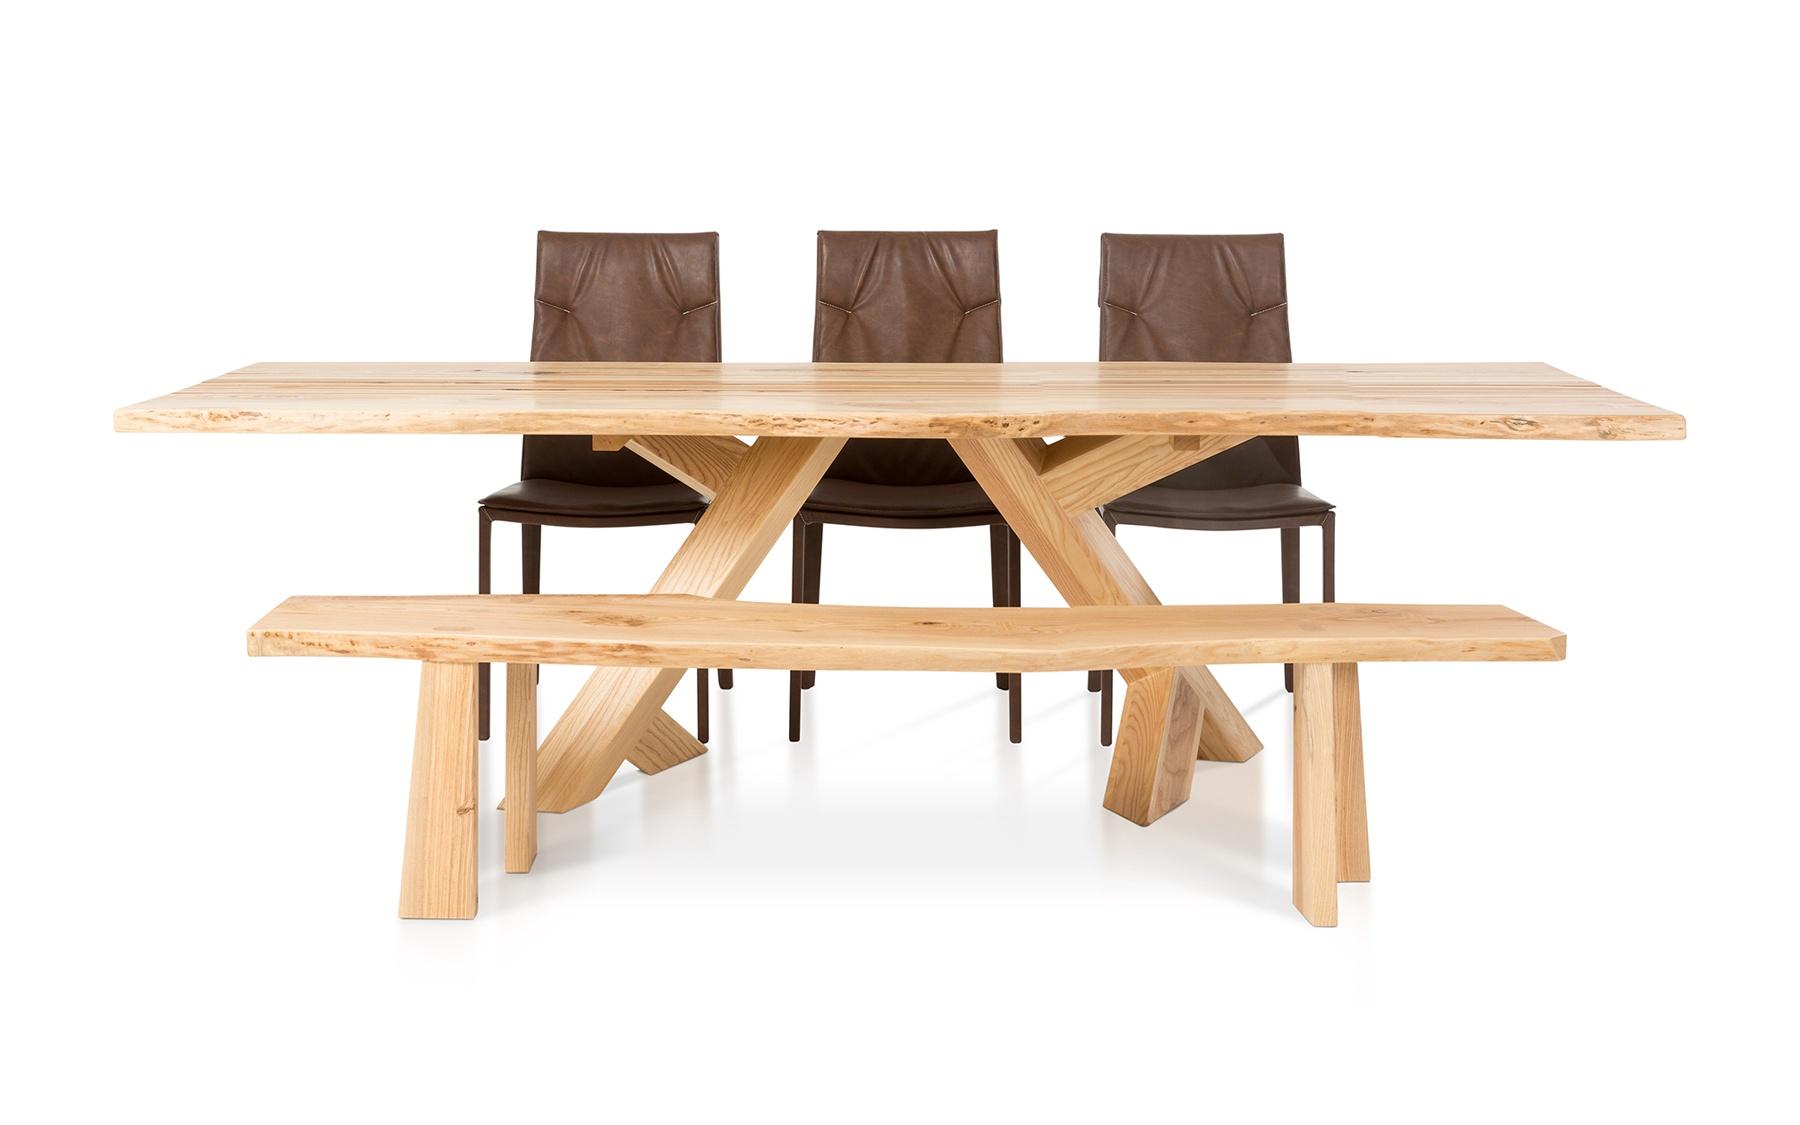 Chaise co545 chaises salles manger la galerie du for 18 rue de la chaise